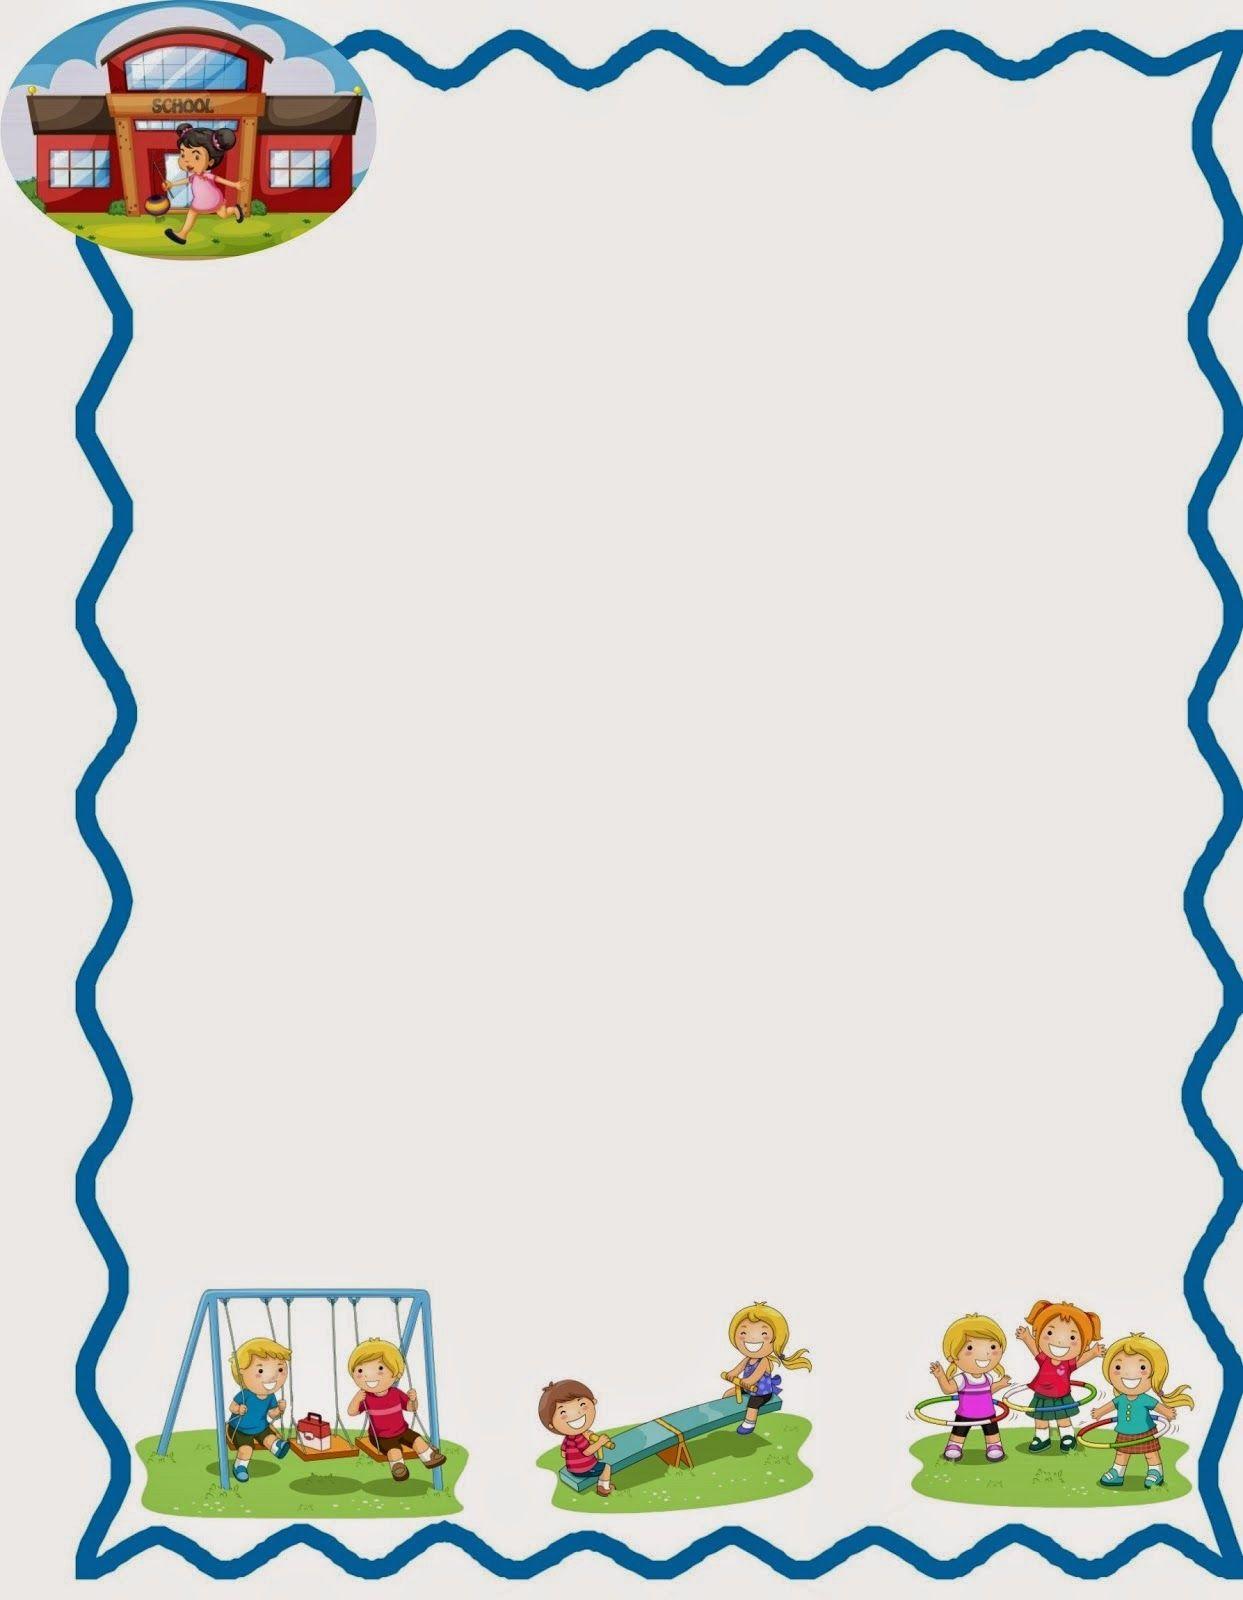 marcos cuadernos de niños | Bebé | Pinterest | Marcos, Niños de ...